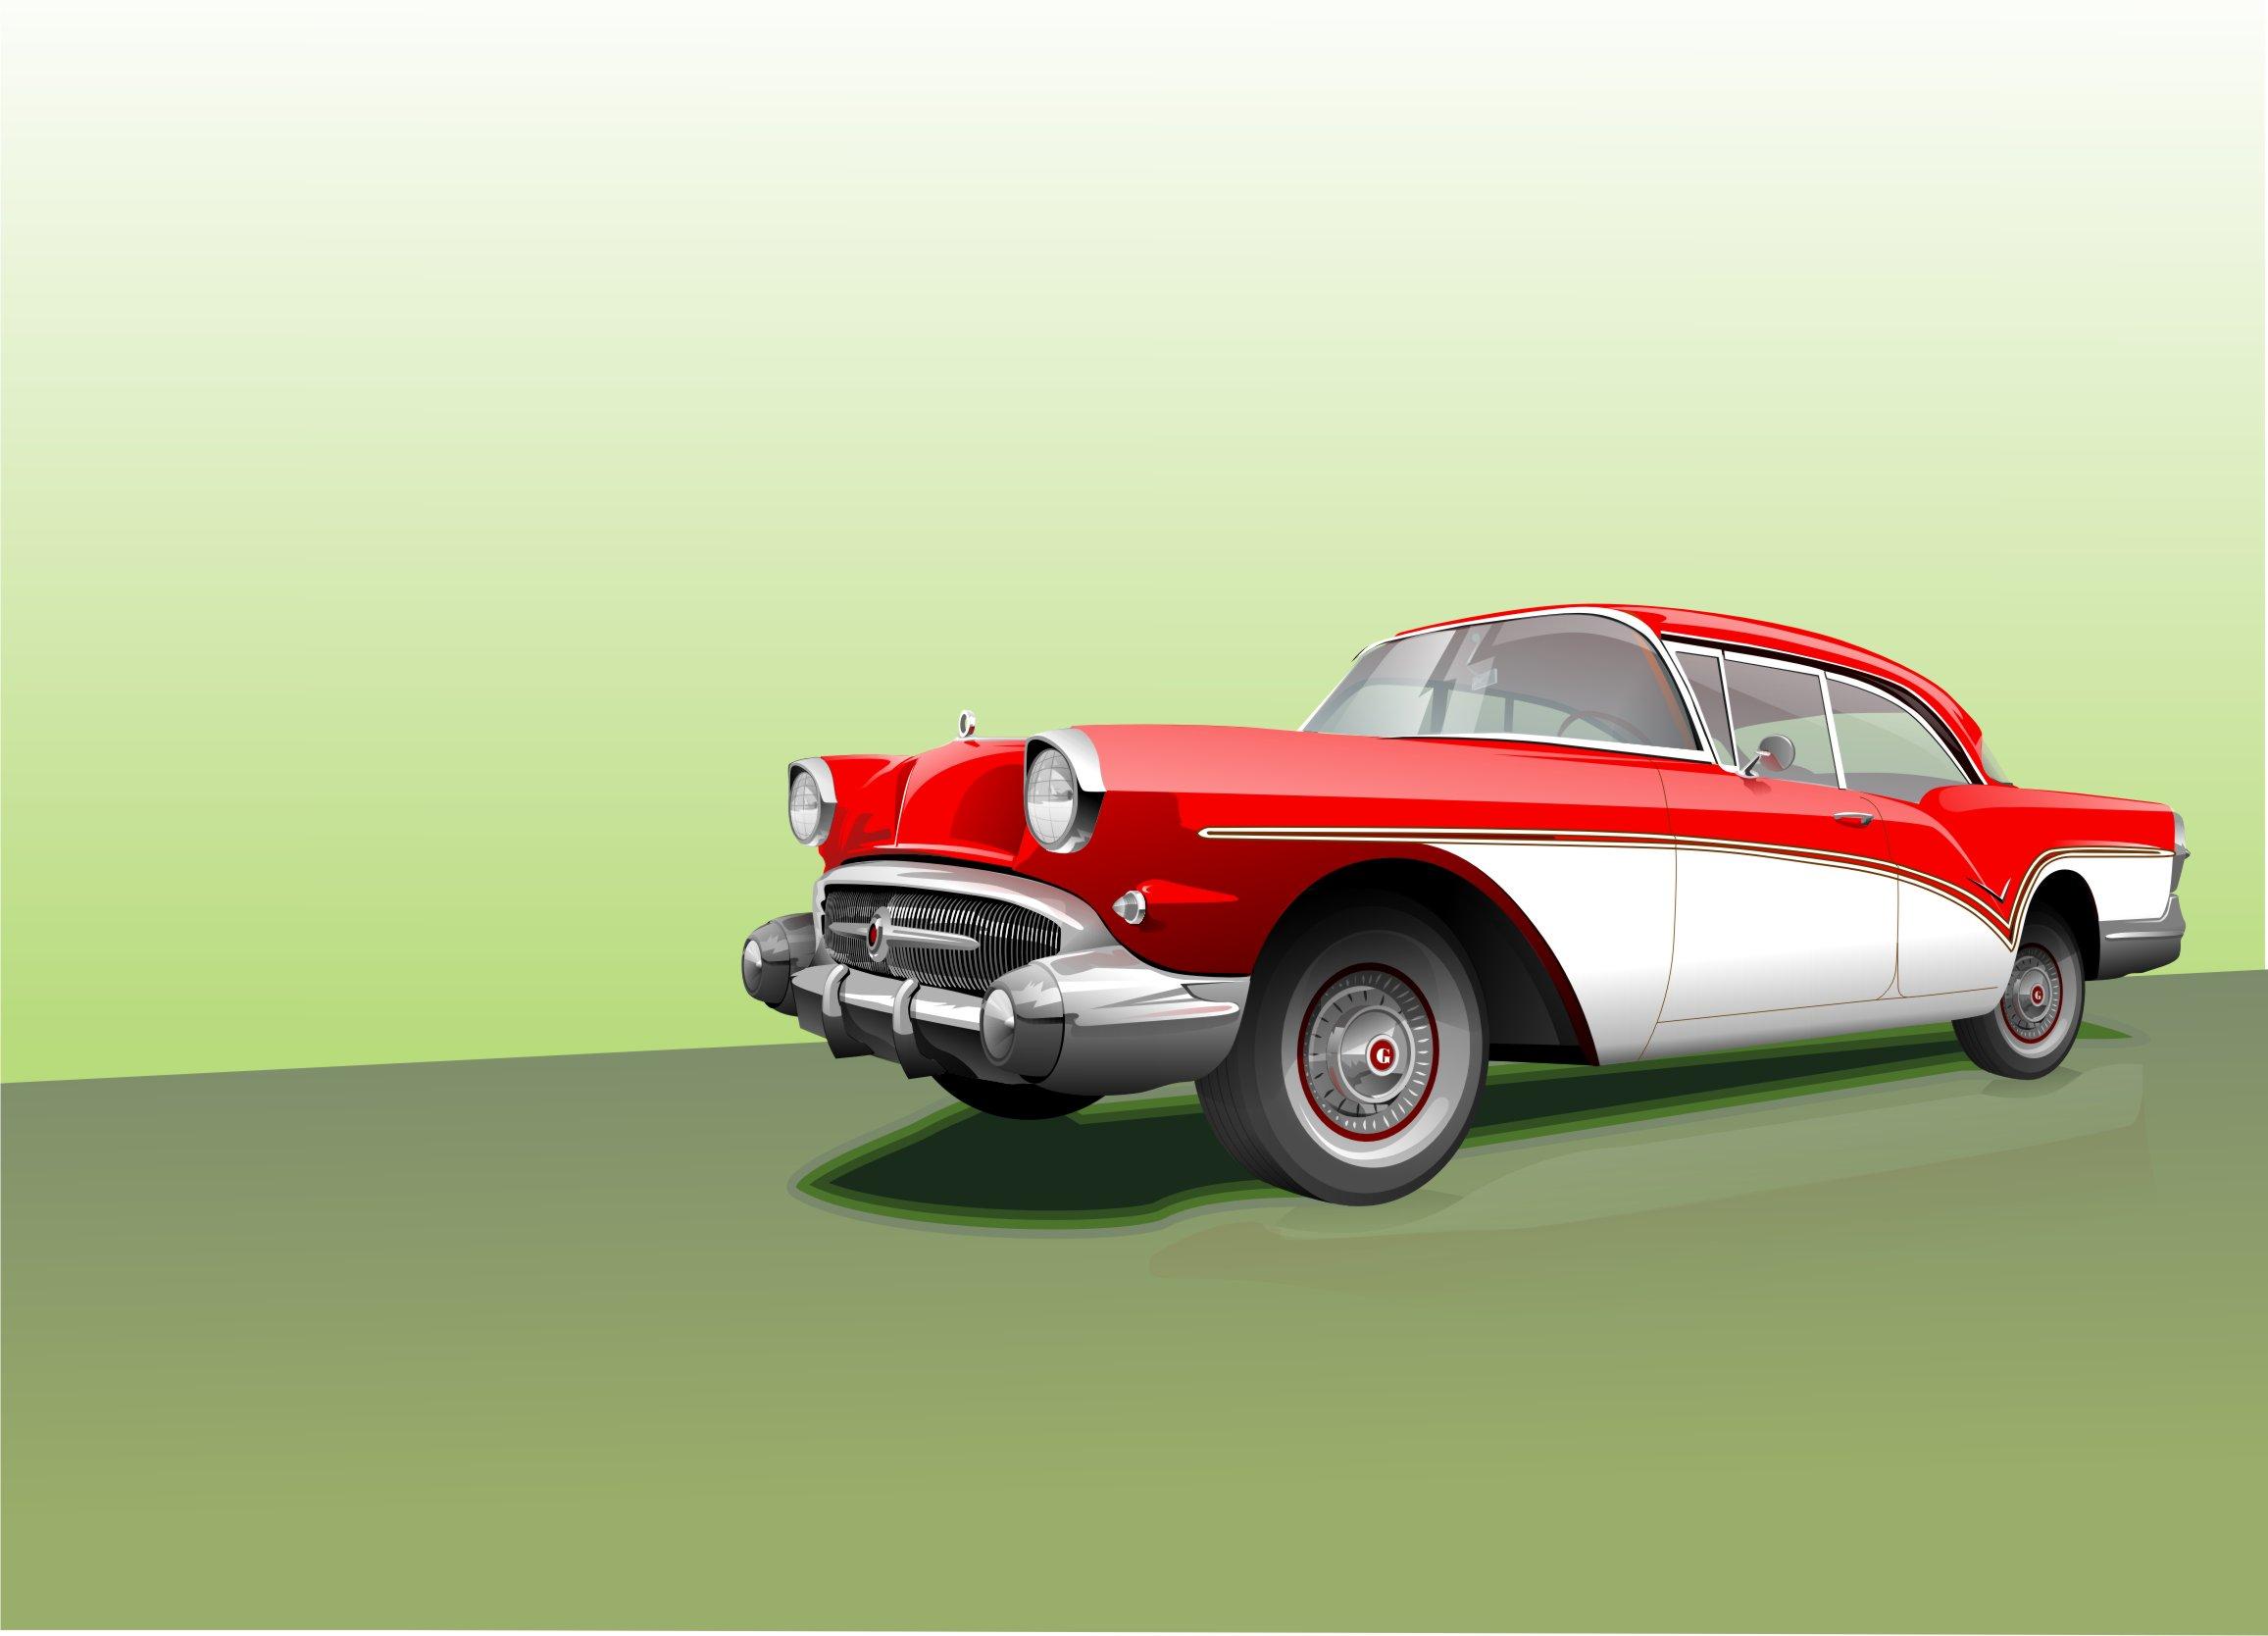 Auto Clip Art Hsjc Free CDR Vectors Art